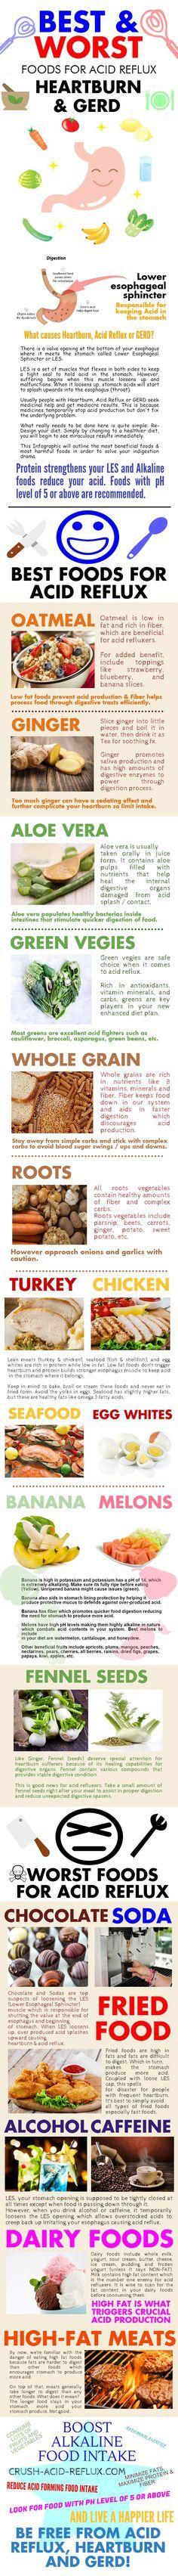 Infographic: Best & Worst Foods for Acid Reflux, Heartburn, and GERD. #heartburn #acidreflux #GERD